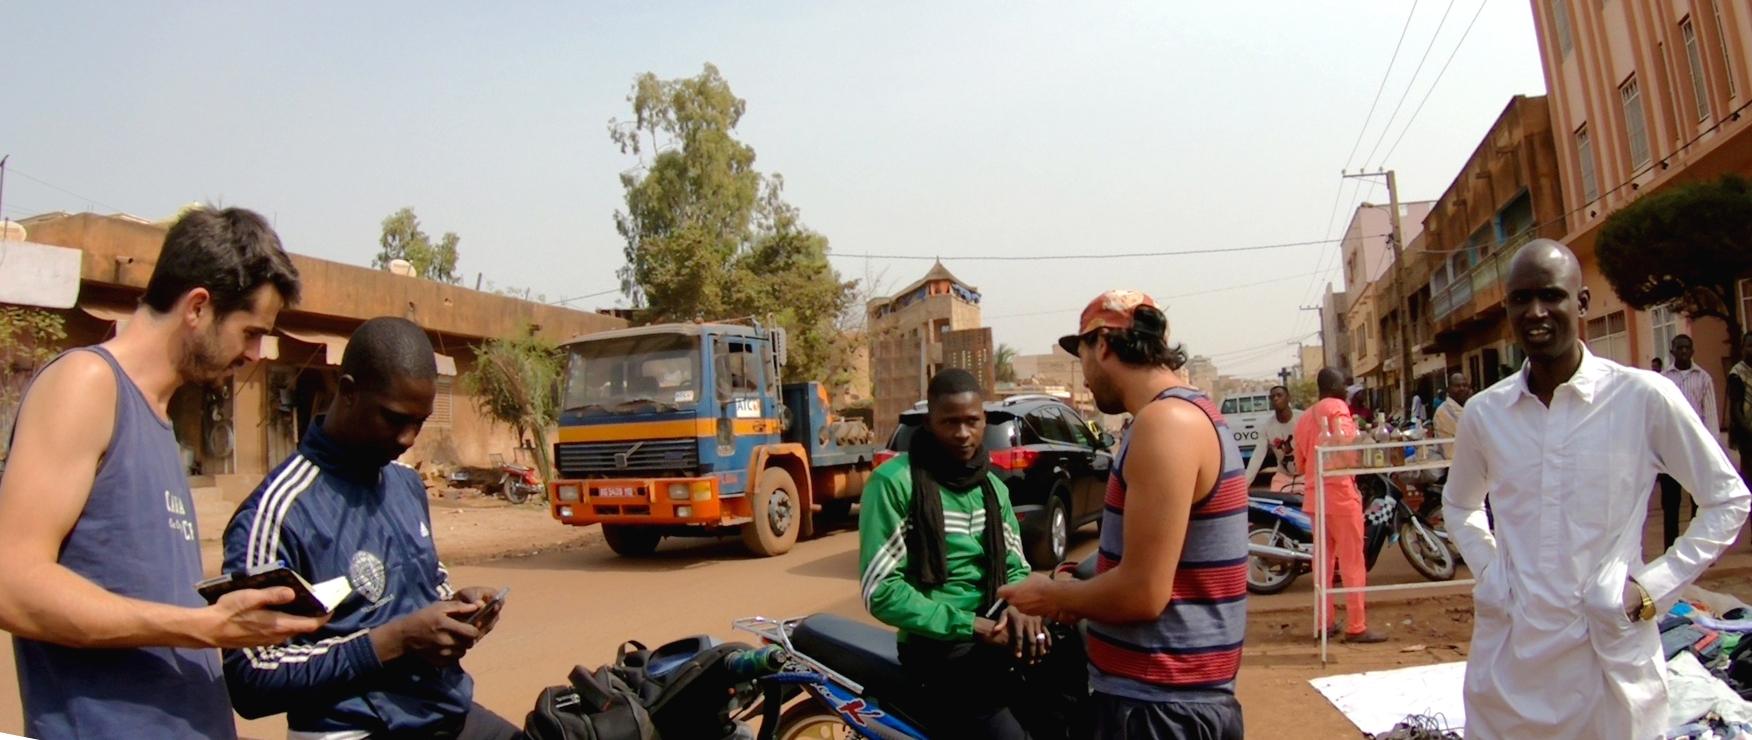 pablocaminante bandidocine bamako mali - Mali 2, de Nioro a Ségou